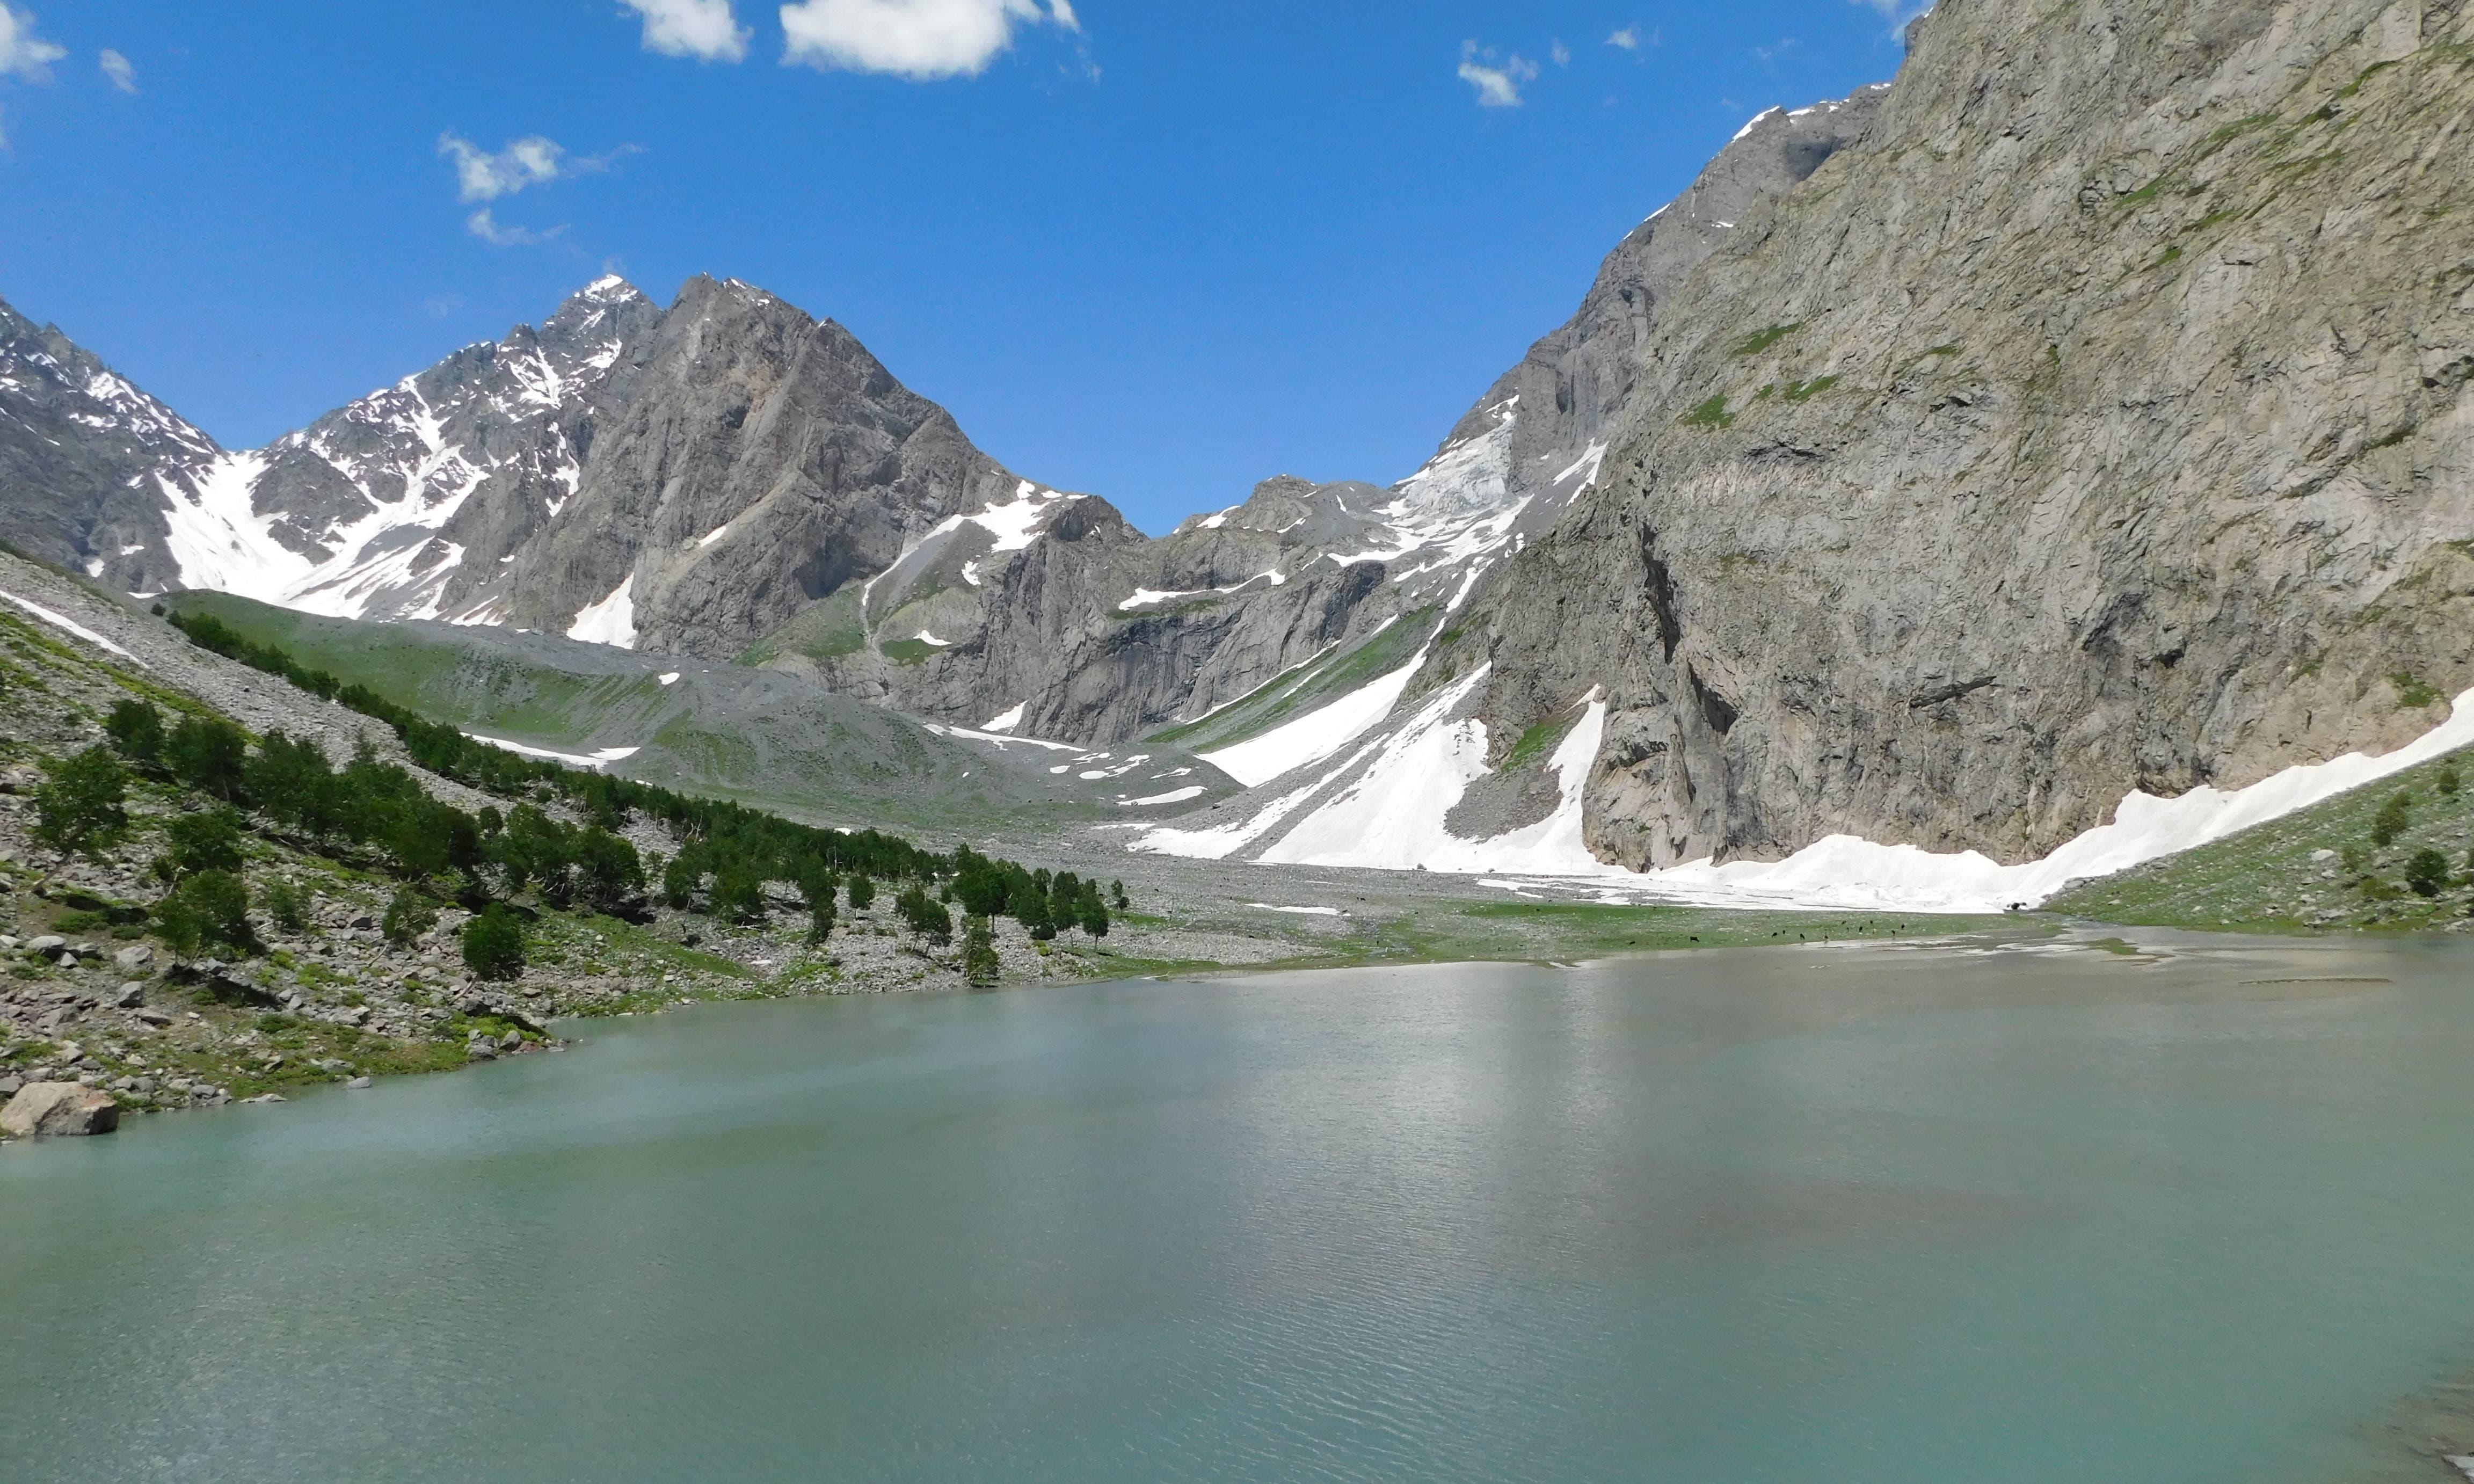 شازور جھیل—تصویر: نعمان اشرف